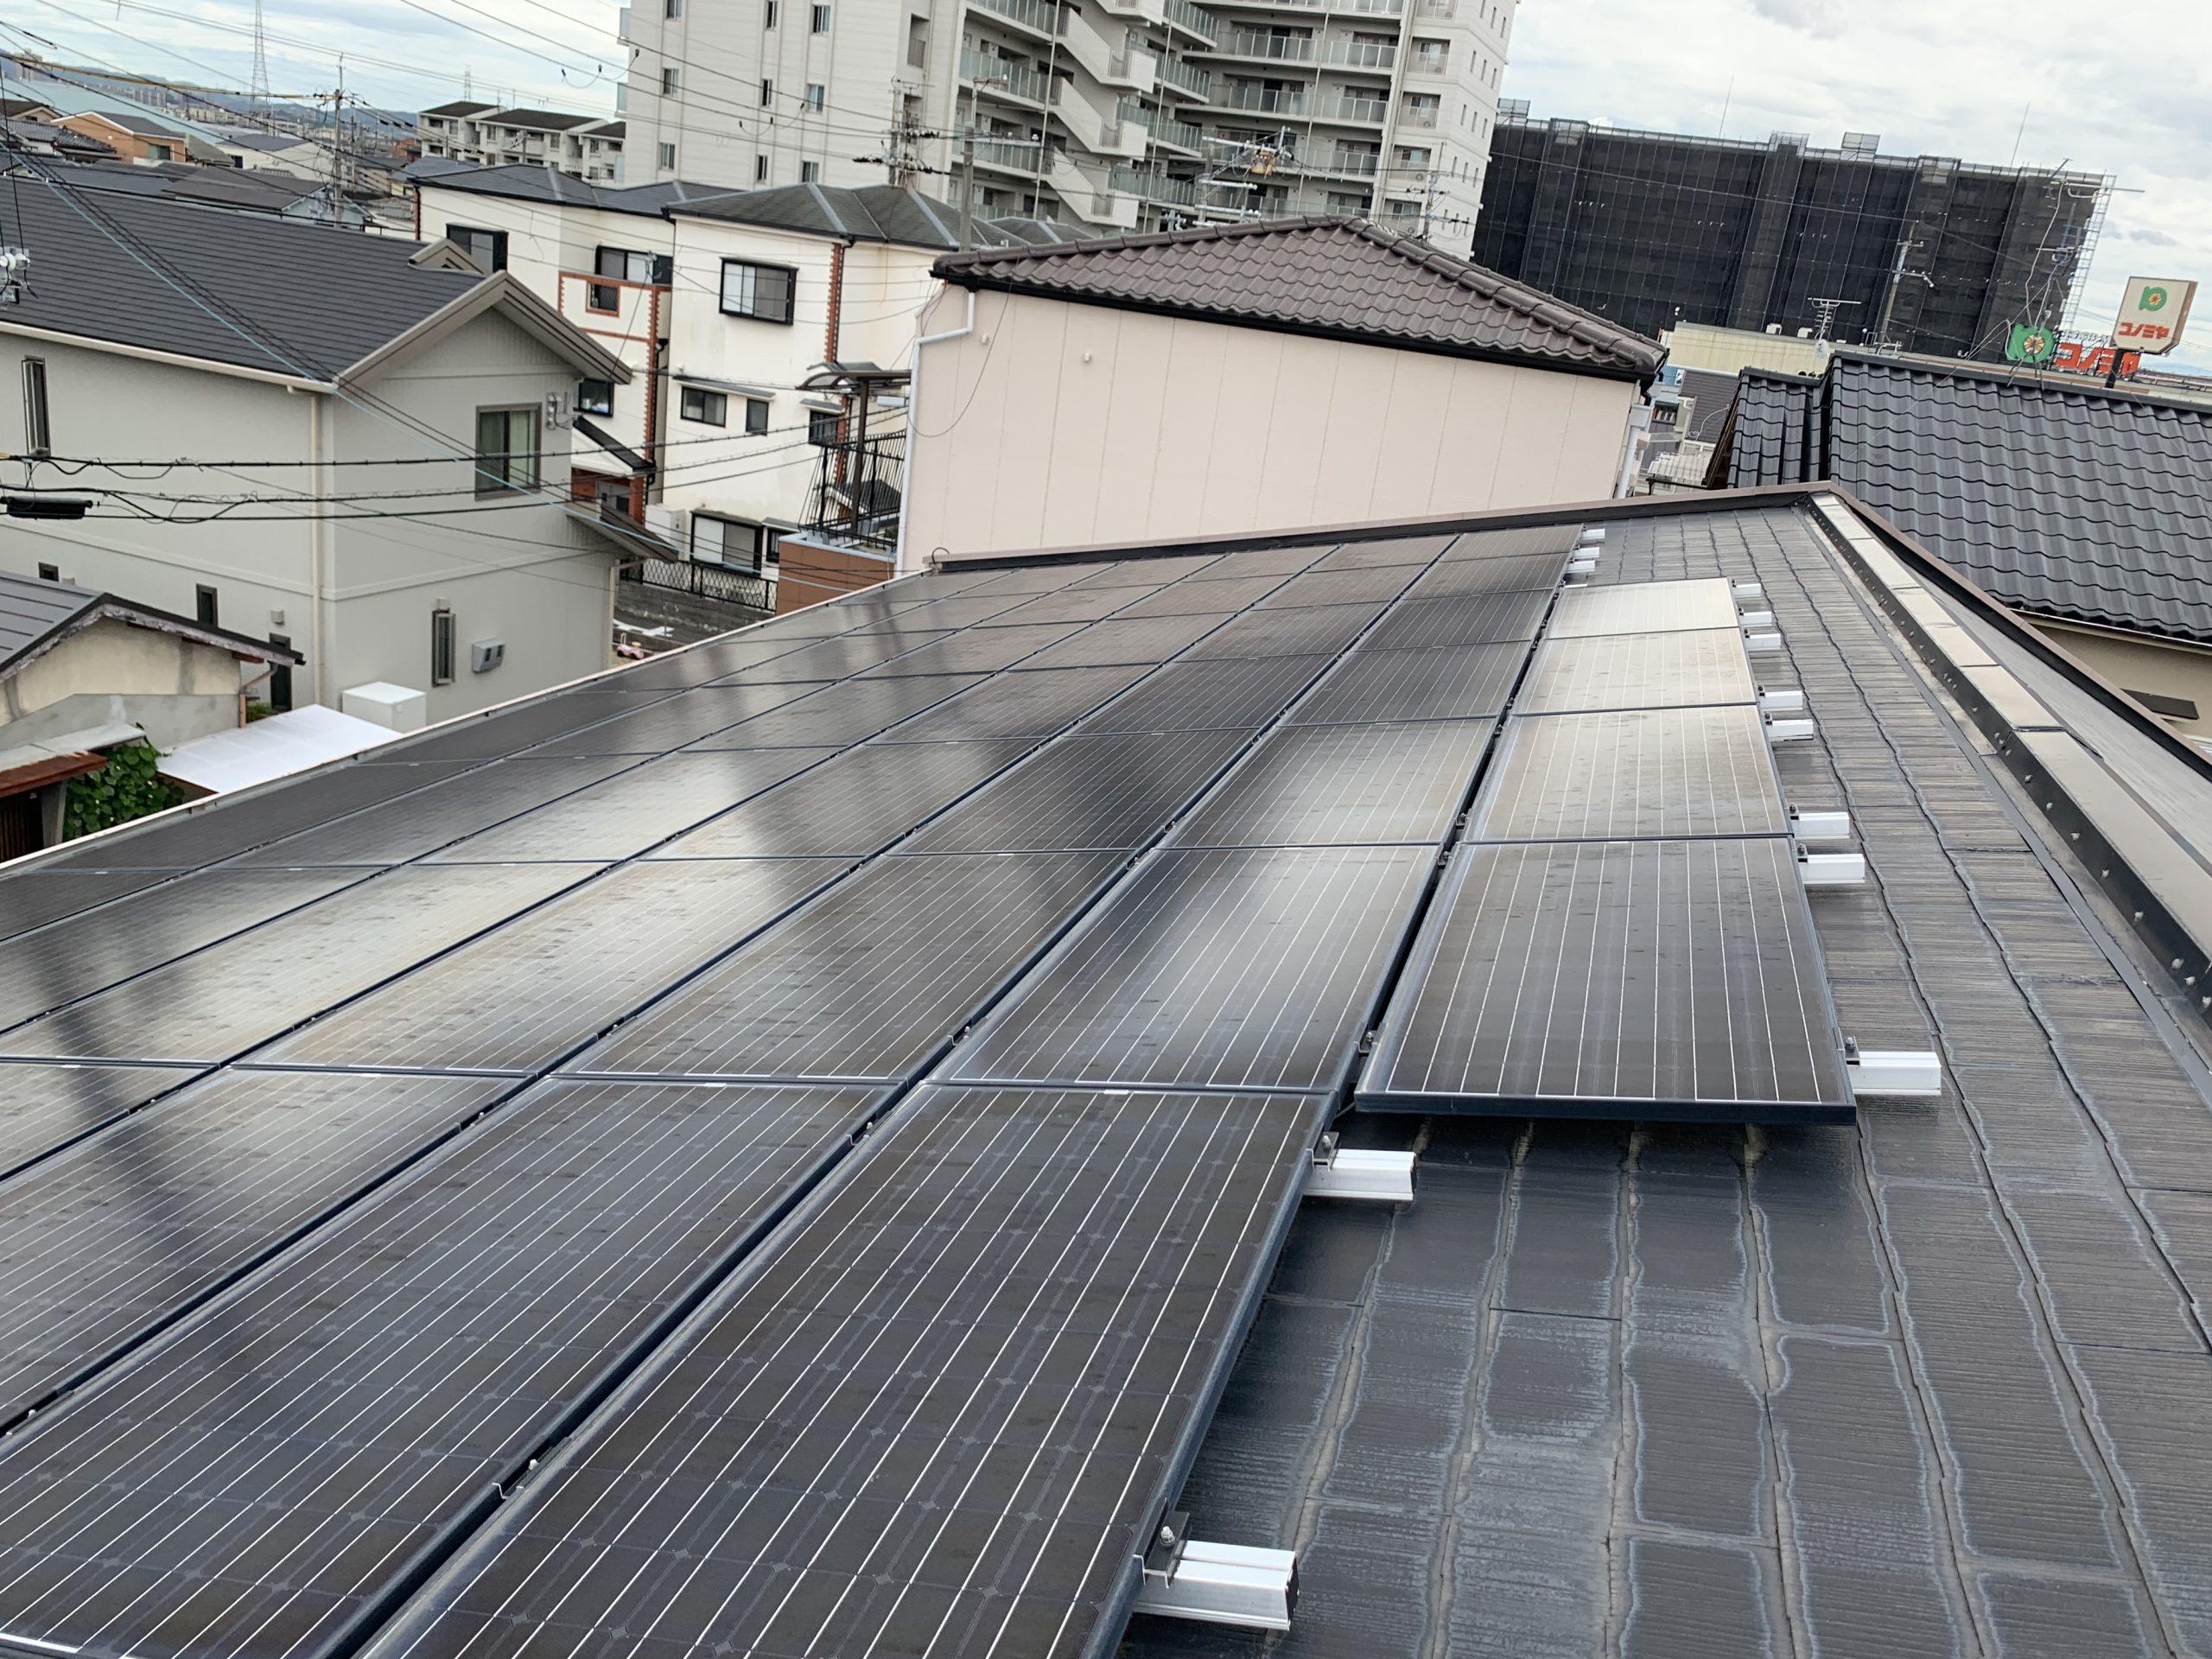 屋根に固定された太陽光パネル